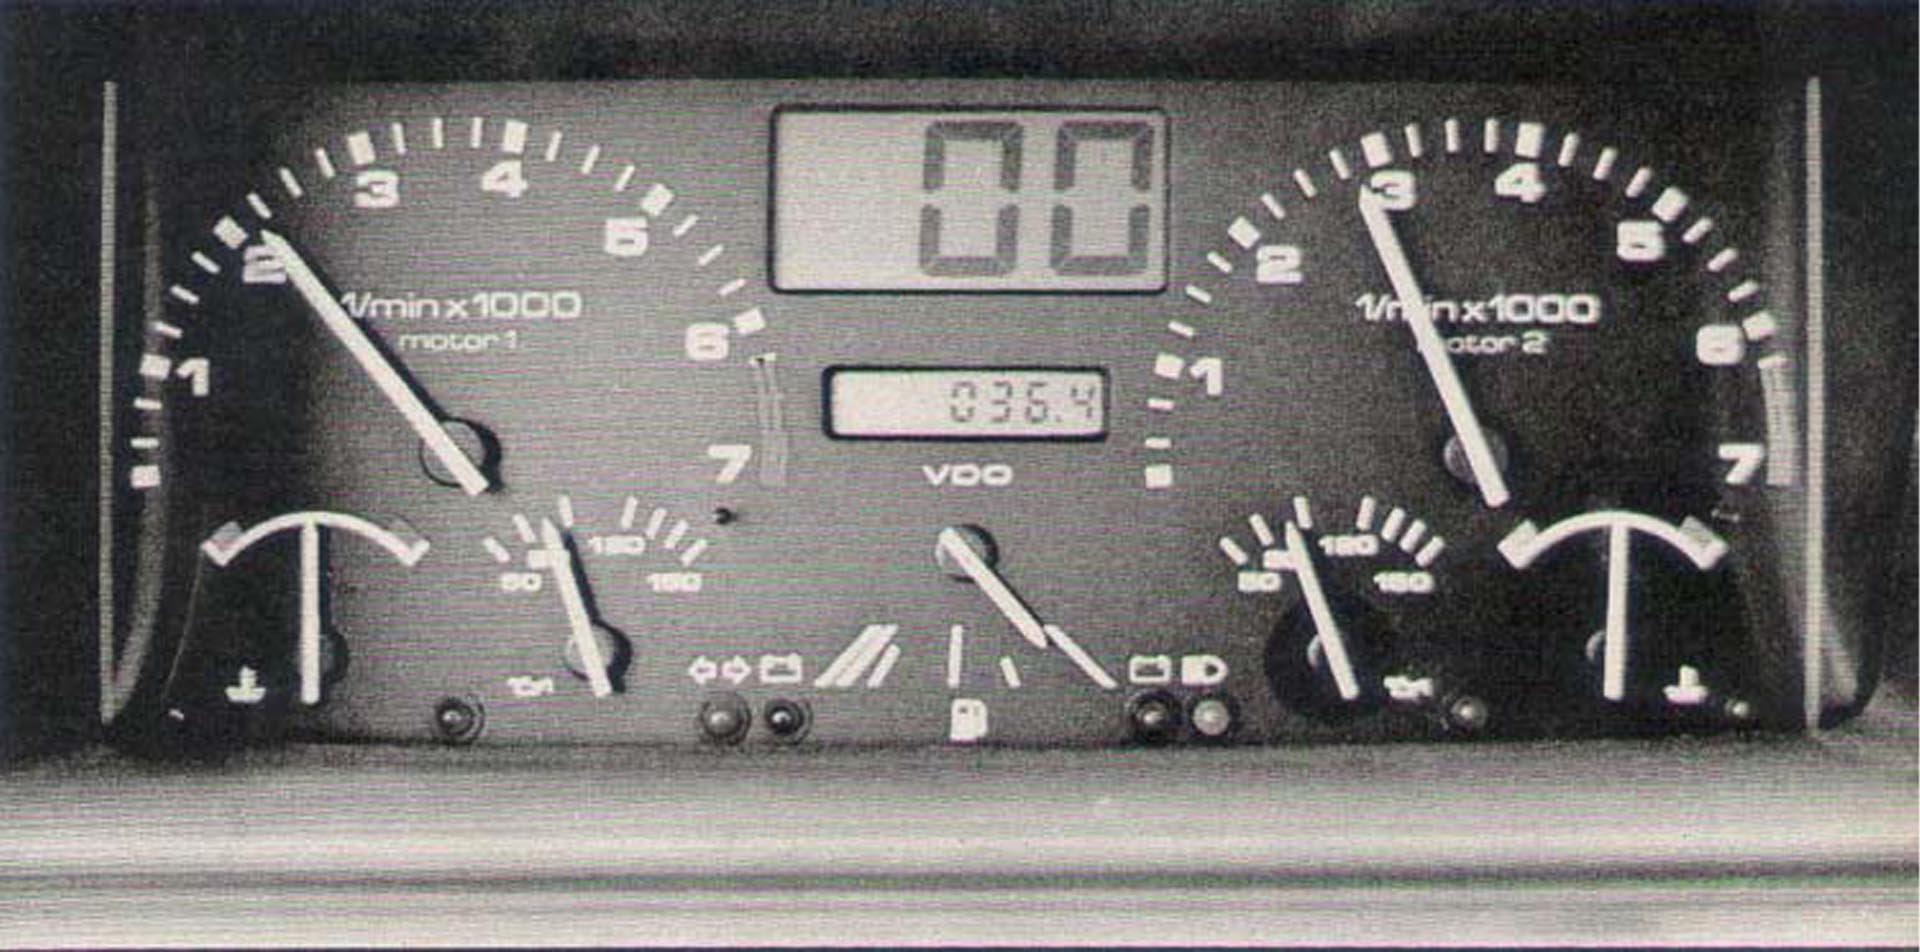 scirocco-bimotor-gauges